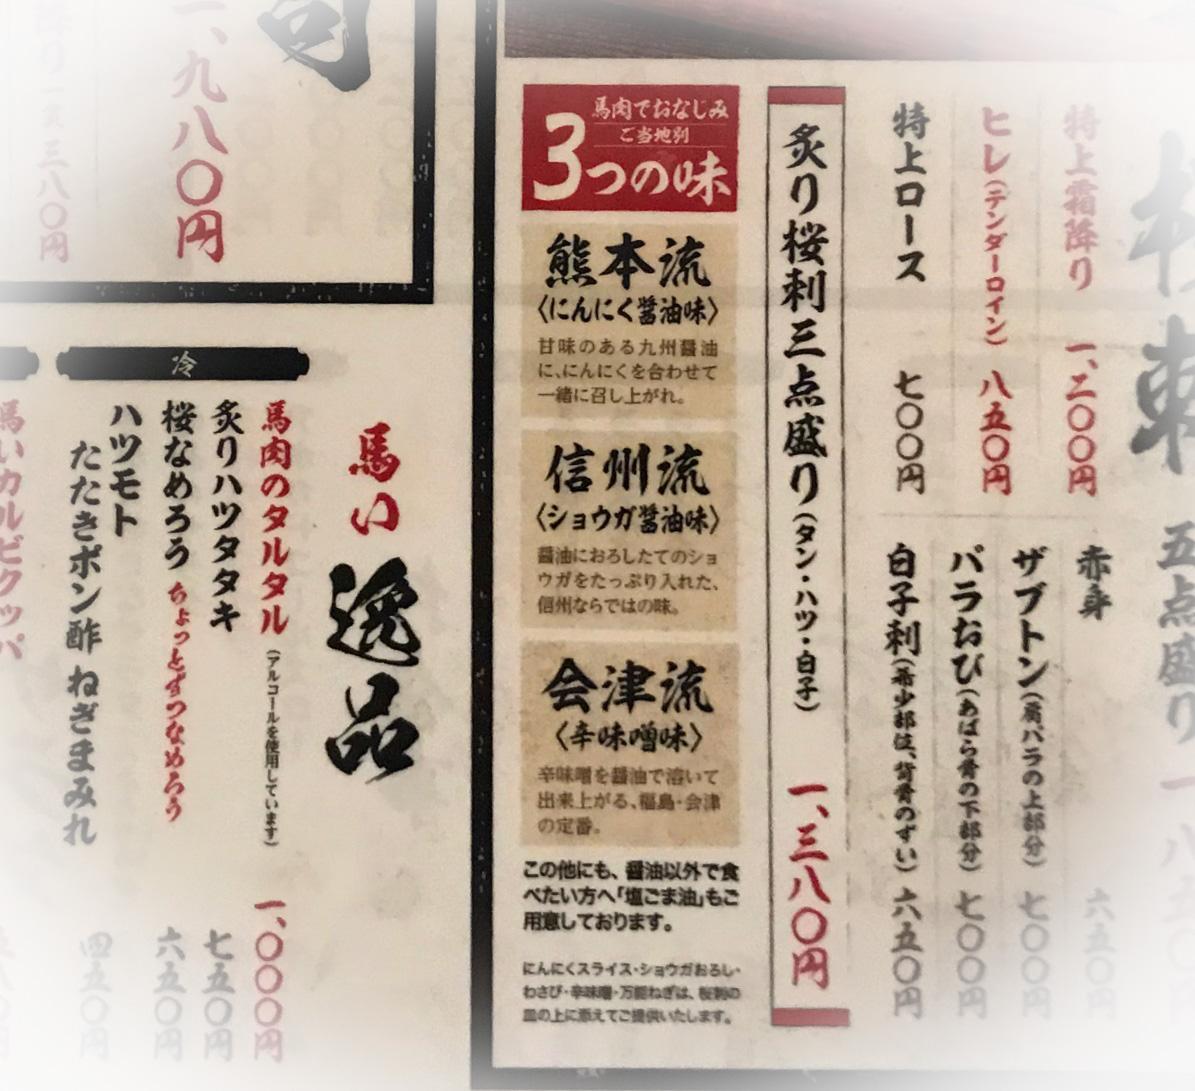 馬肉の食べ方 長野、会津、熊本